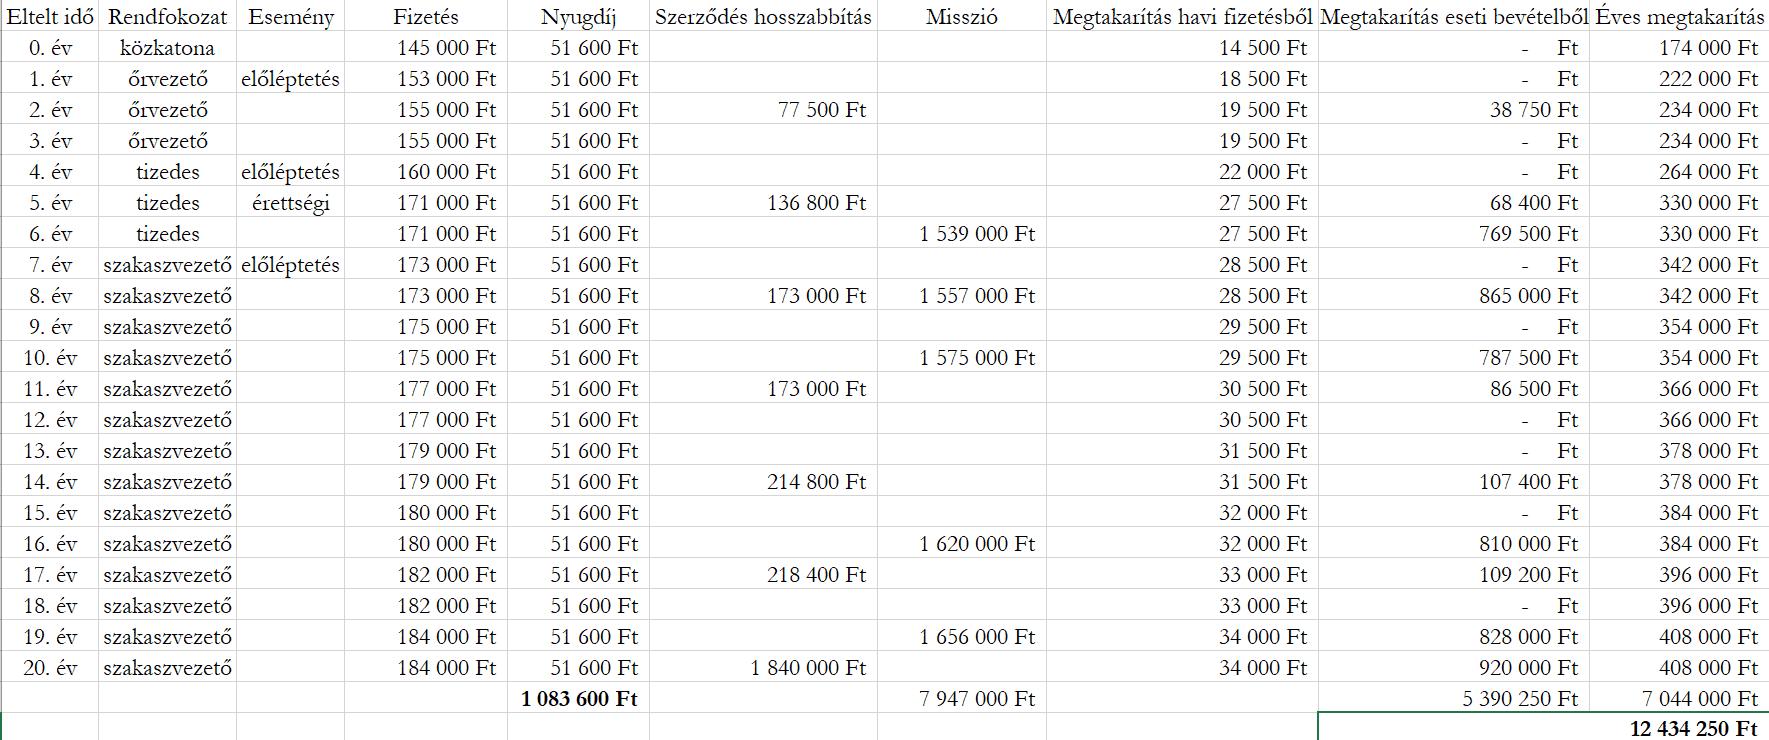 Ez egy táblázat, melyben egy legénységi állományú katona karrierje során kapott bevételei és megtakarításai szerepelnek